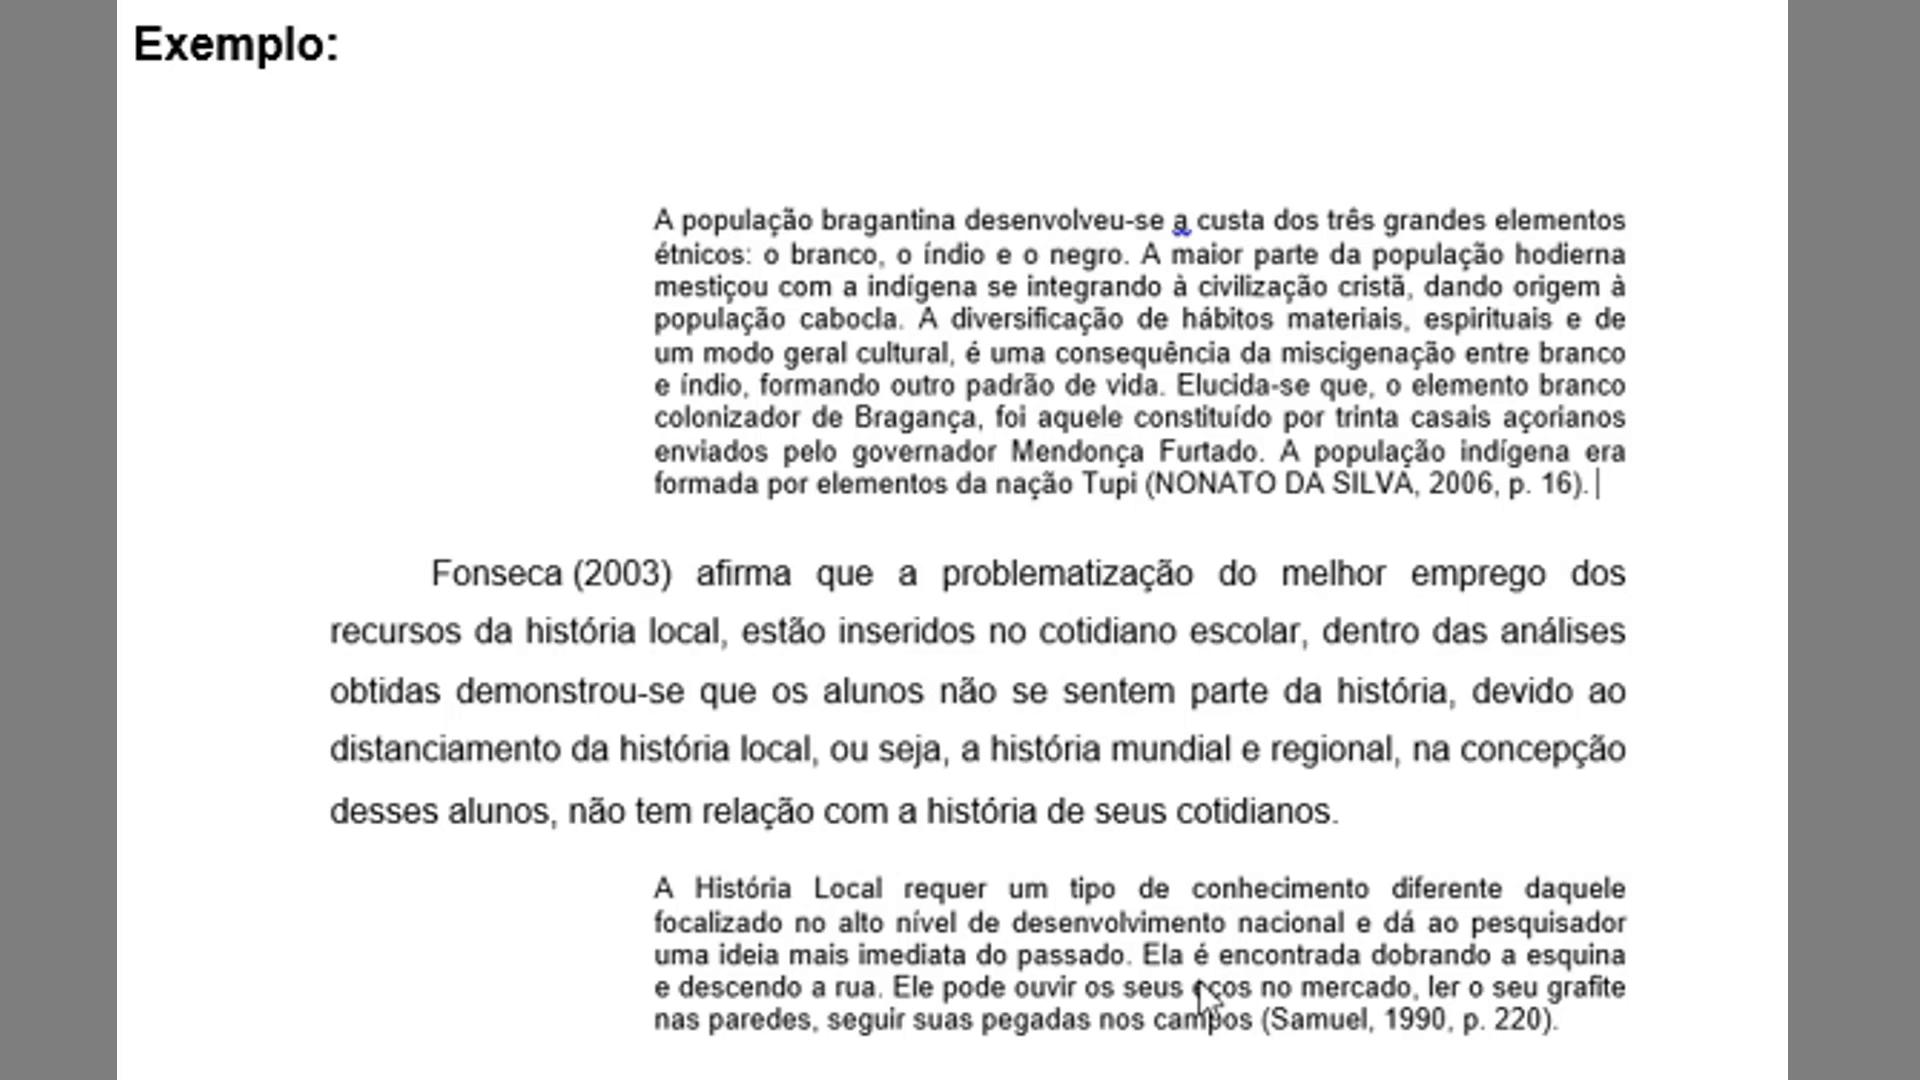 Exemplo de citações sequenciais